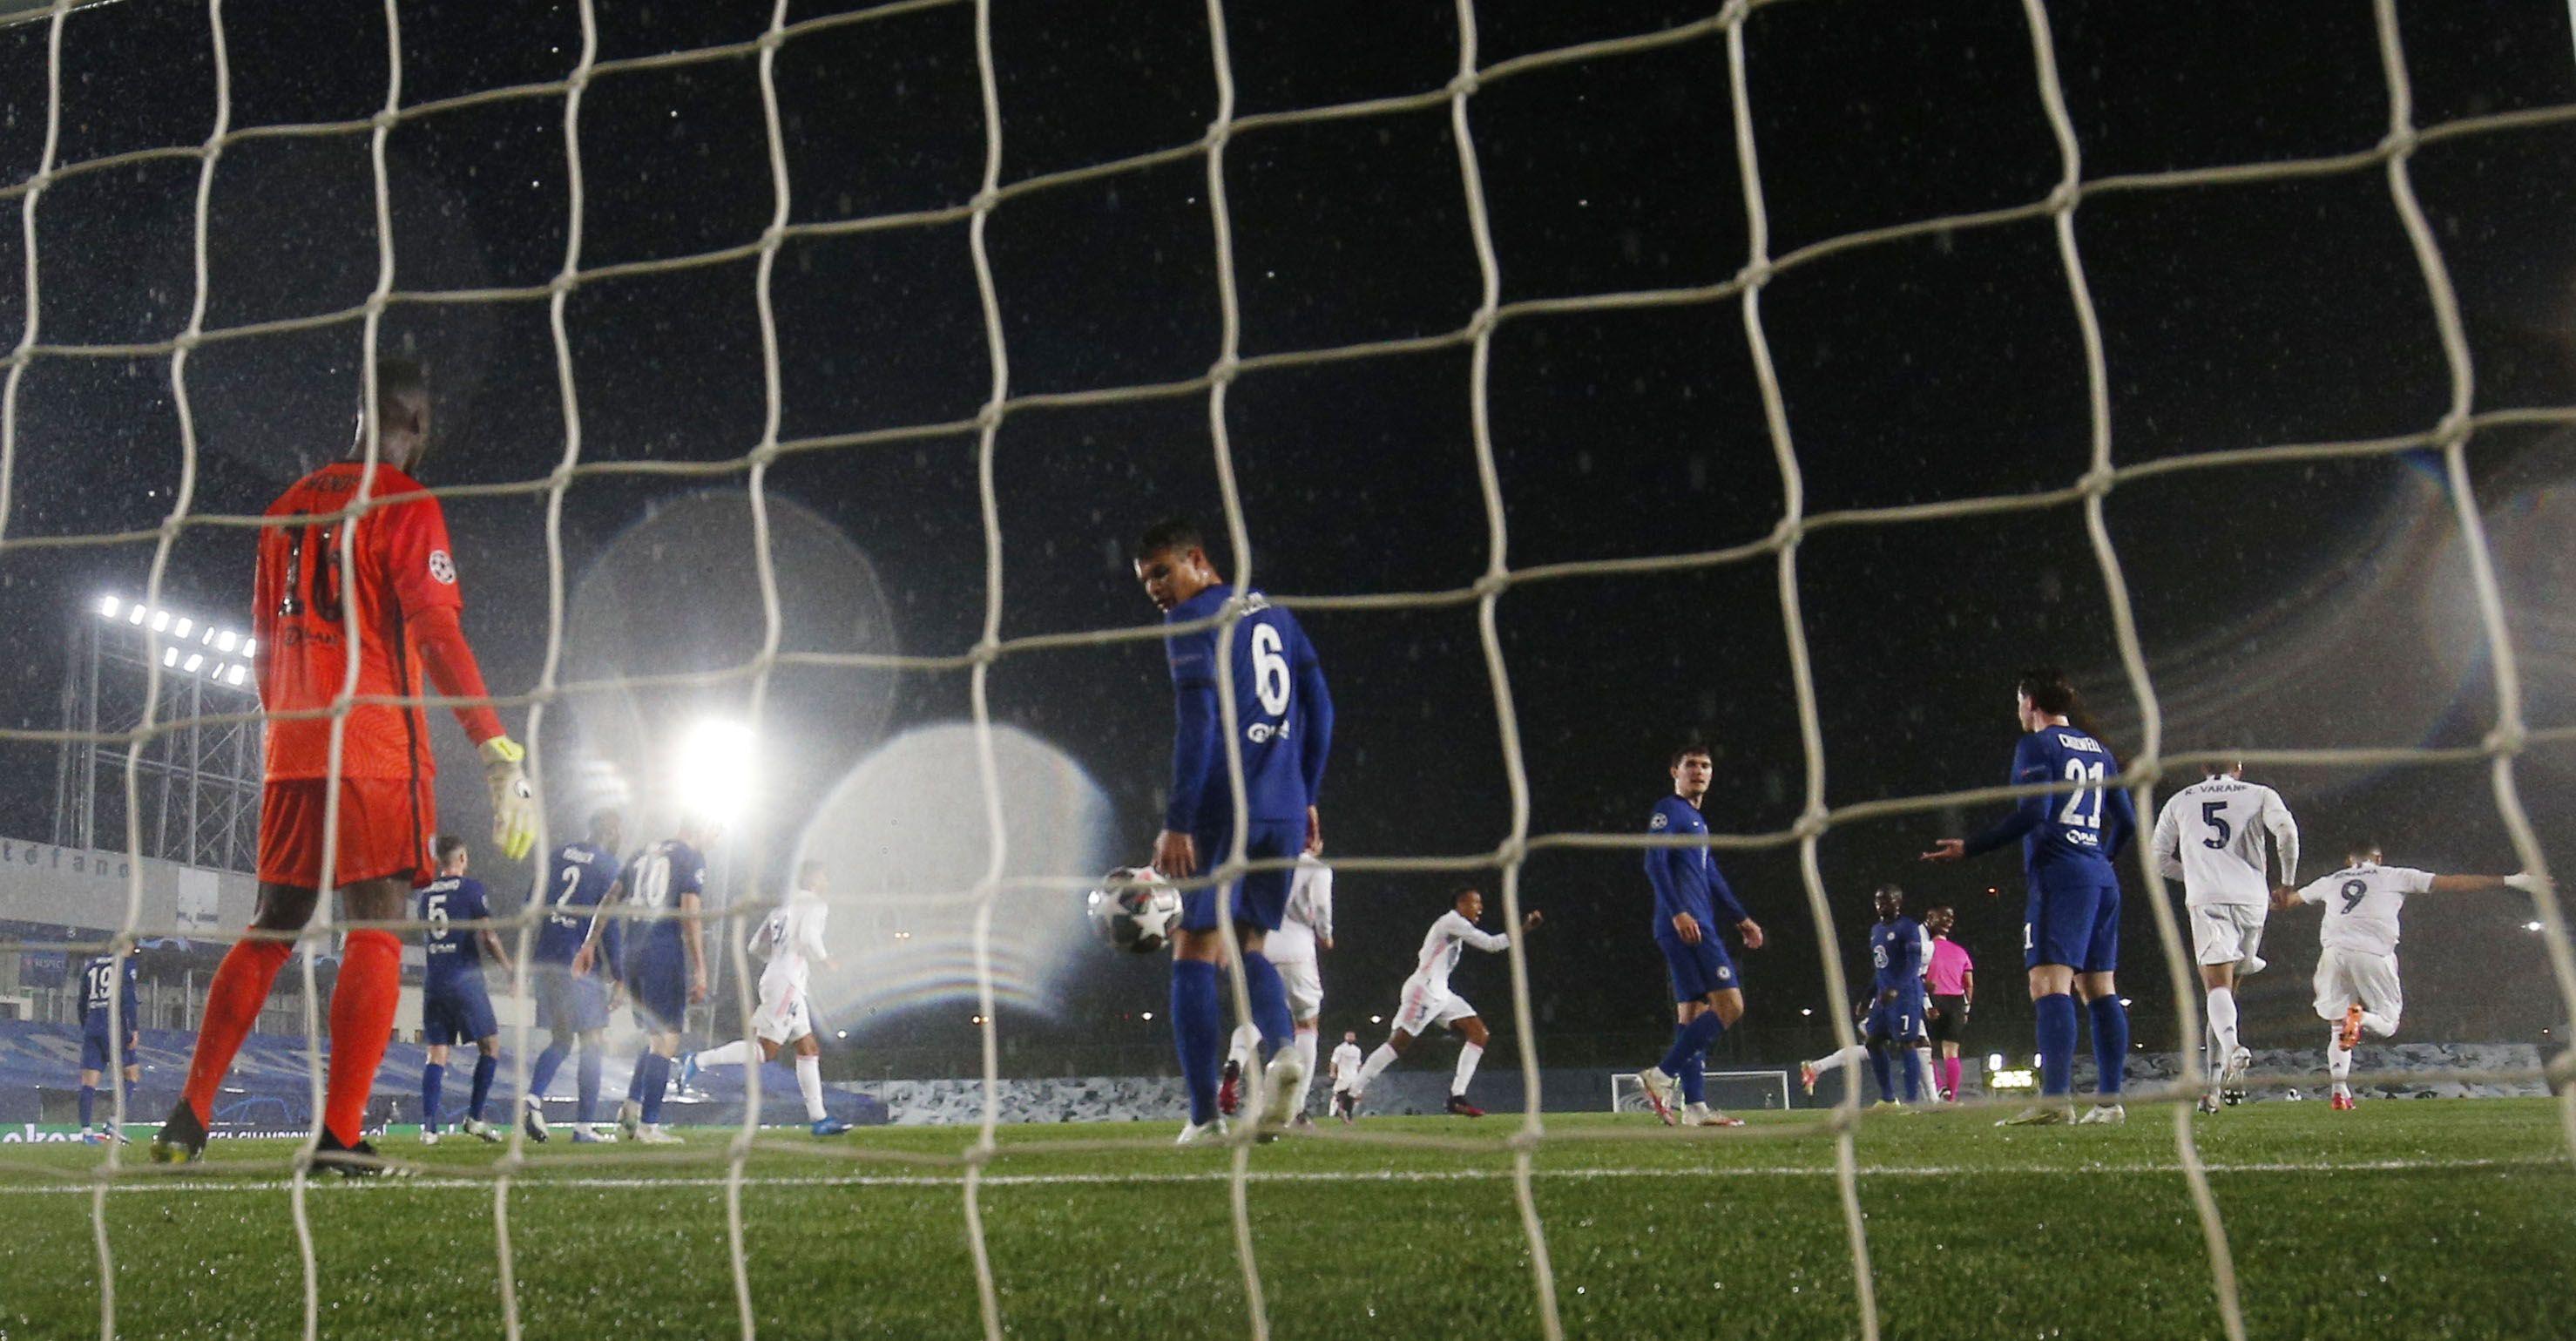 El Real Madrid deberá convertir para comenzar a pensar en la final (Reuters)